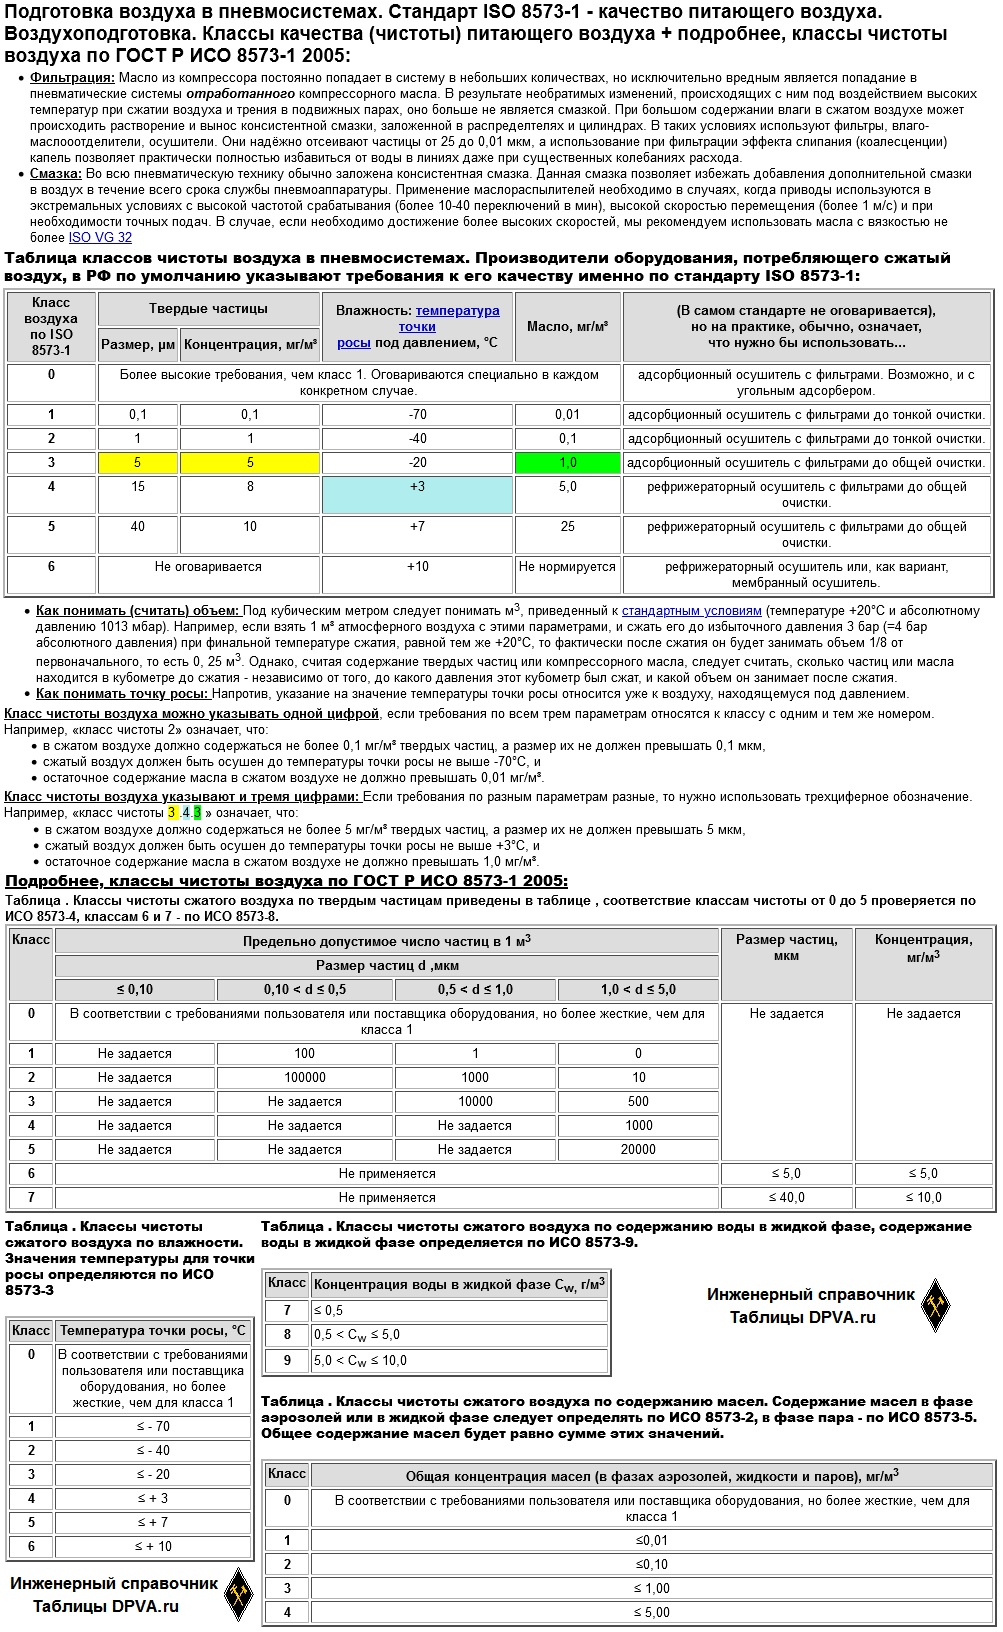 Подготовка воздуха в пневмосистемах. Стандарт ISO 8573-1 - качество питающего воздуха. Воздухоподготовка. Классы качества (чистоты) питающего воздуха + подробнее, классы чистоты воздуха по ГОСТ Р ИСО 8573-1 2005